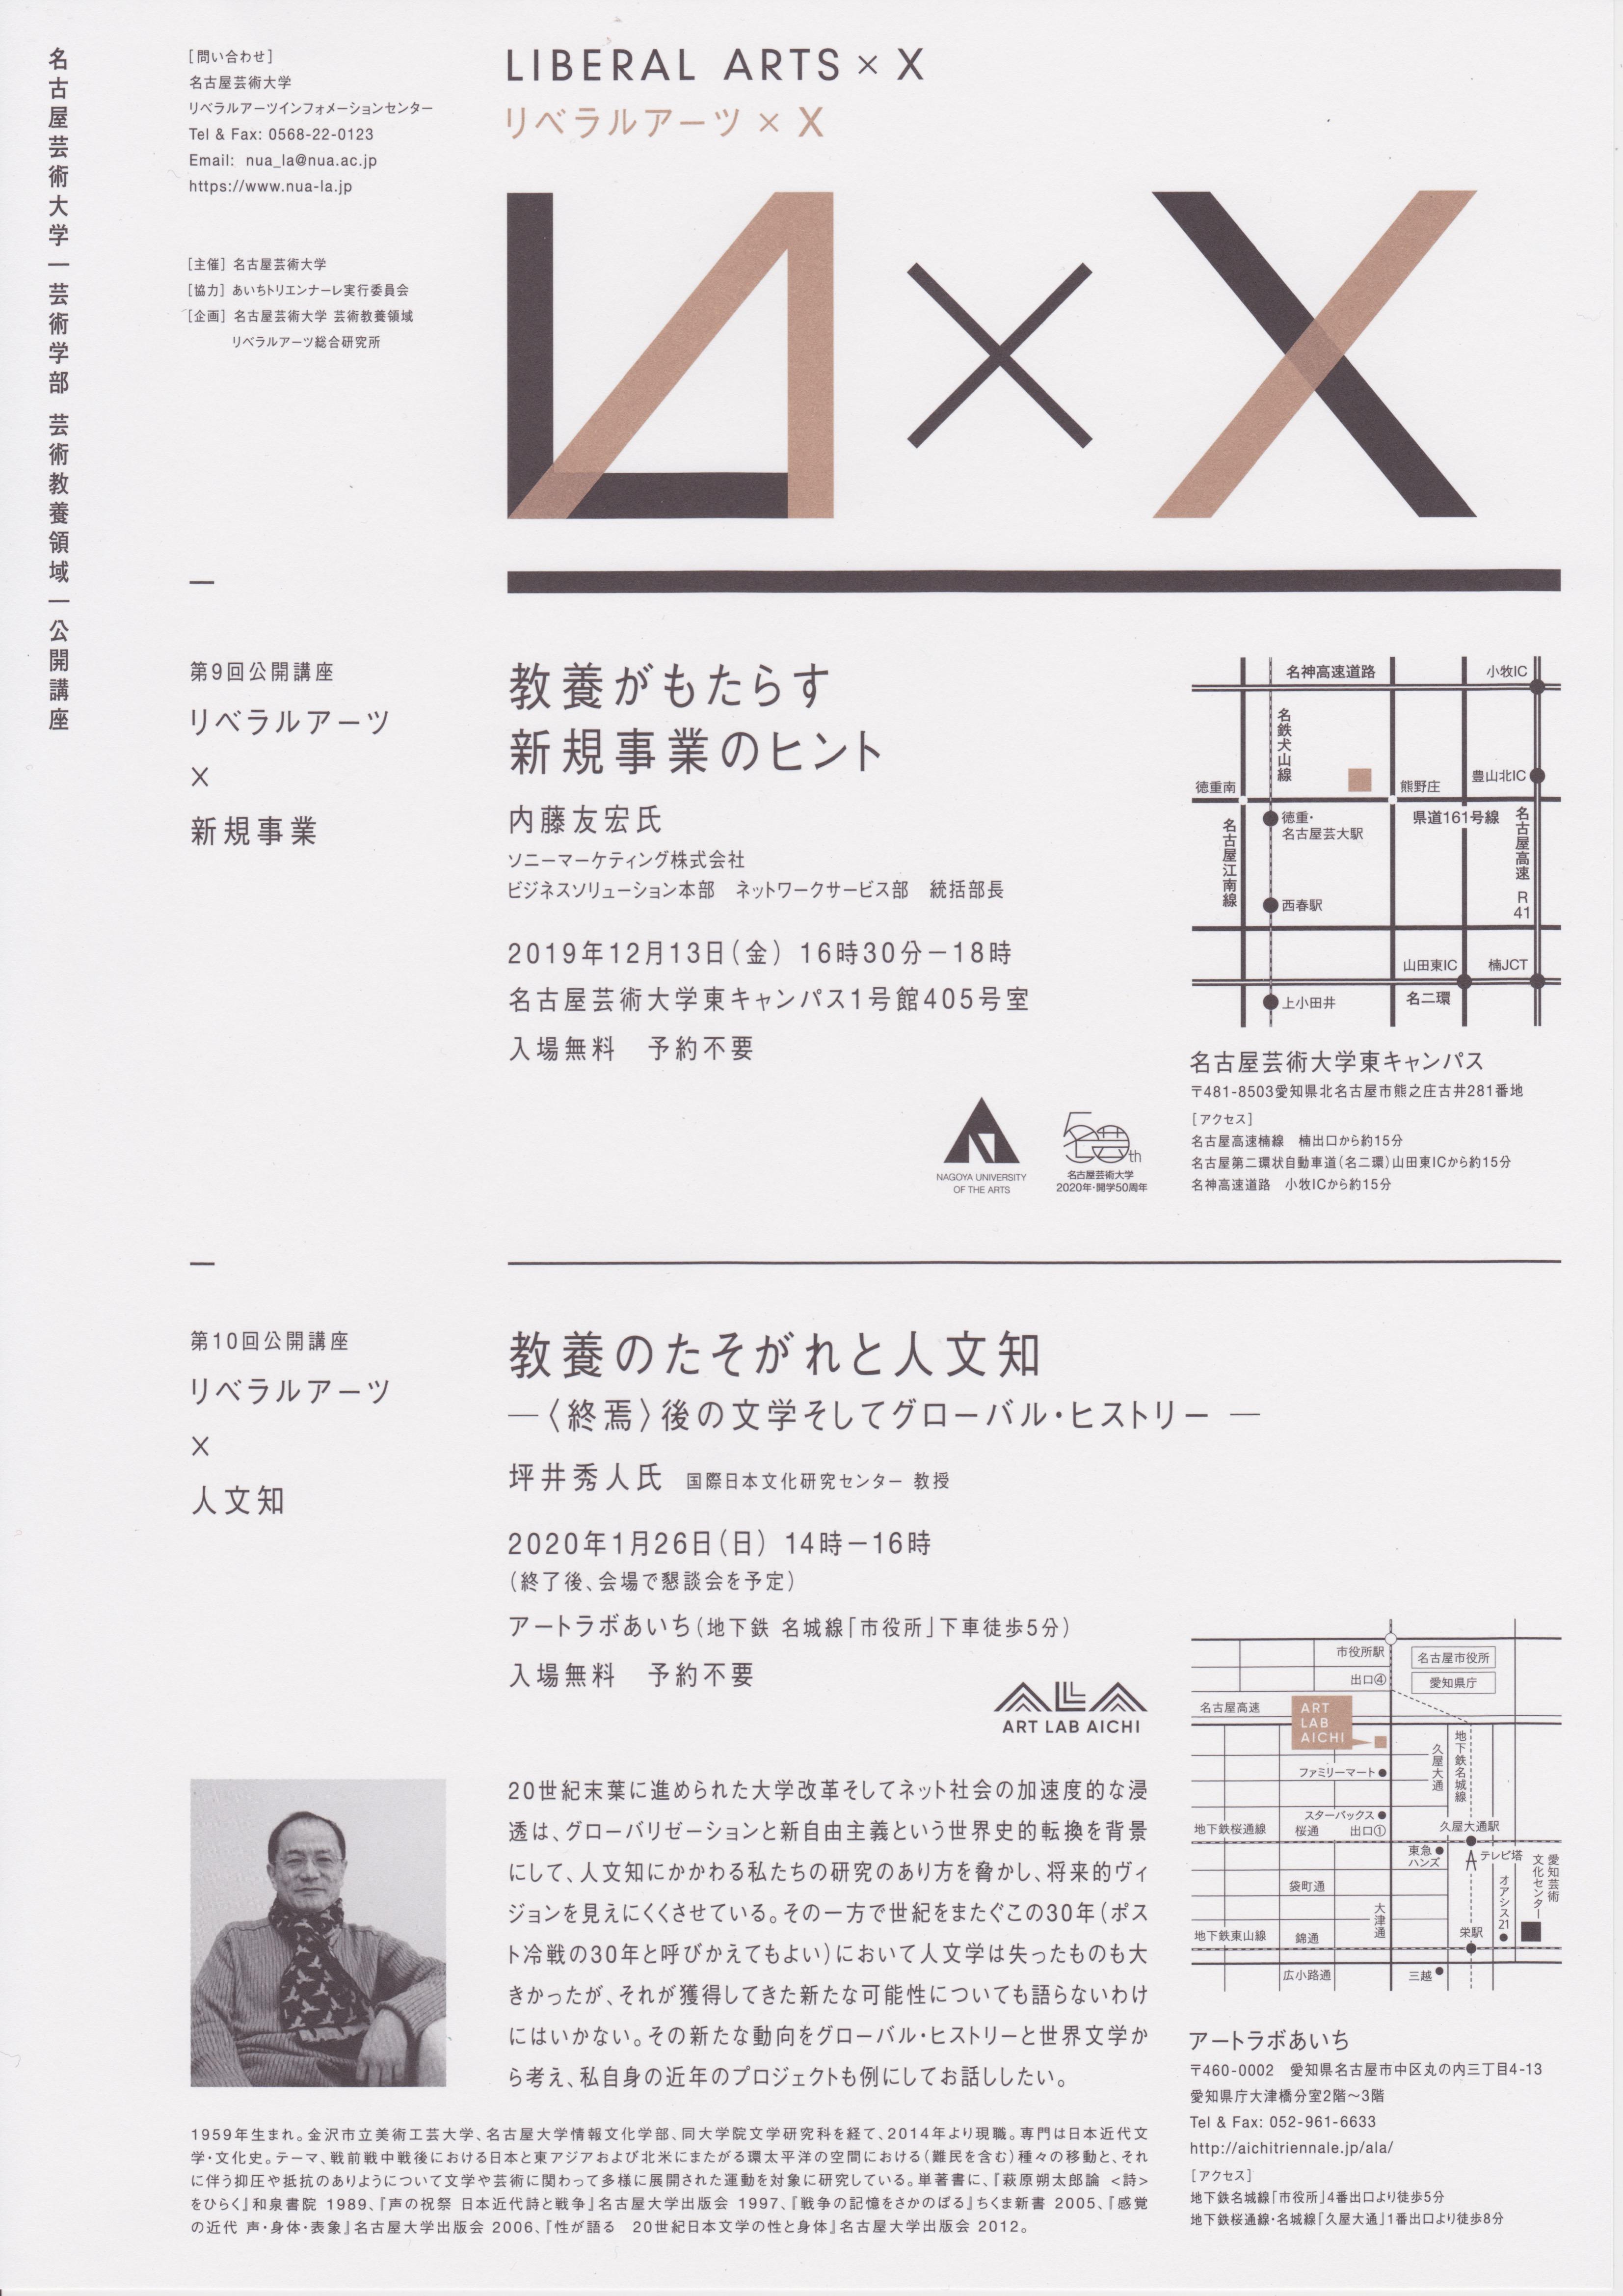 名芸リベラルアーツ.jpeg